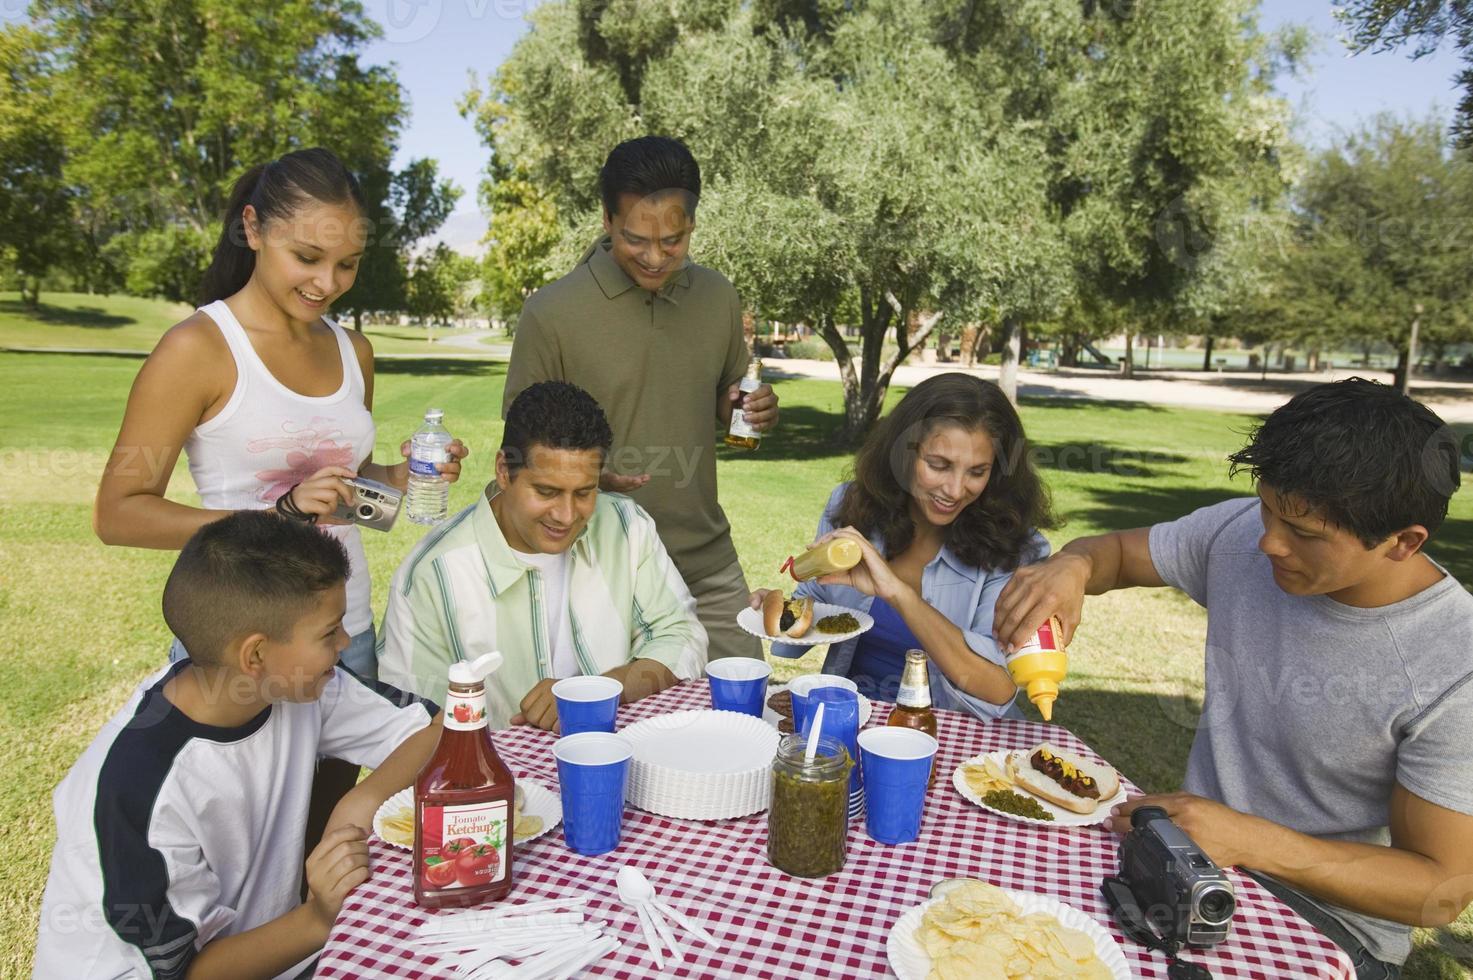 Familie versammelte sich um Picknicktisch foto